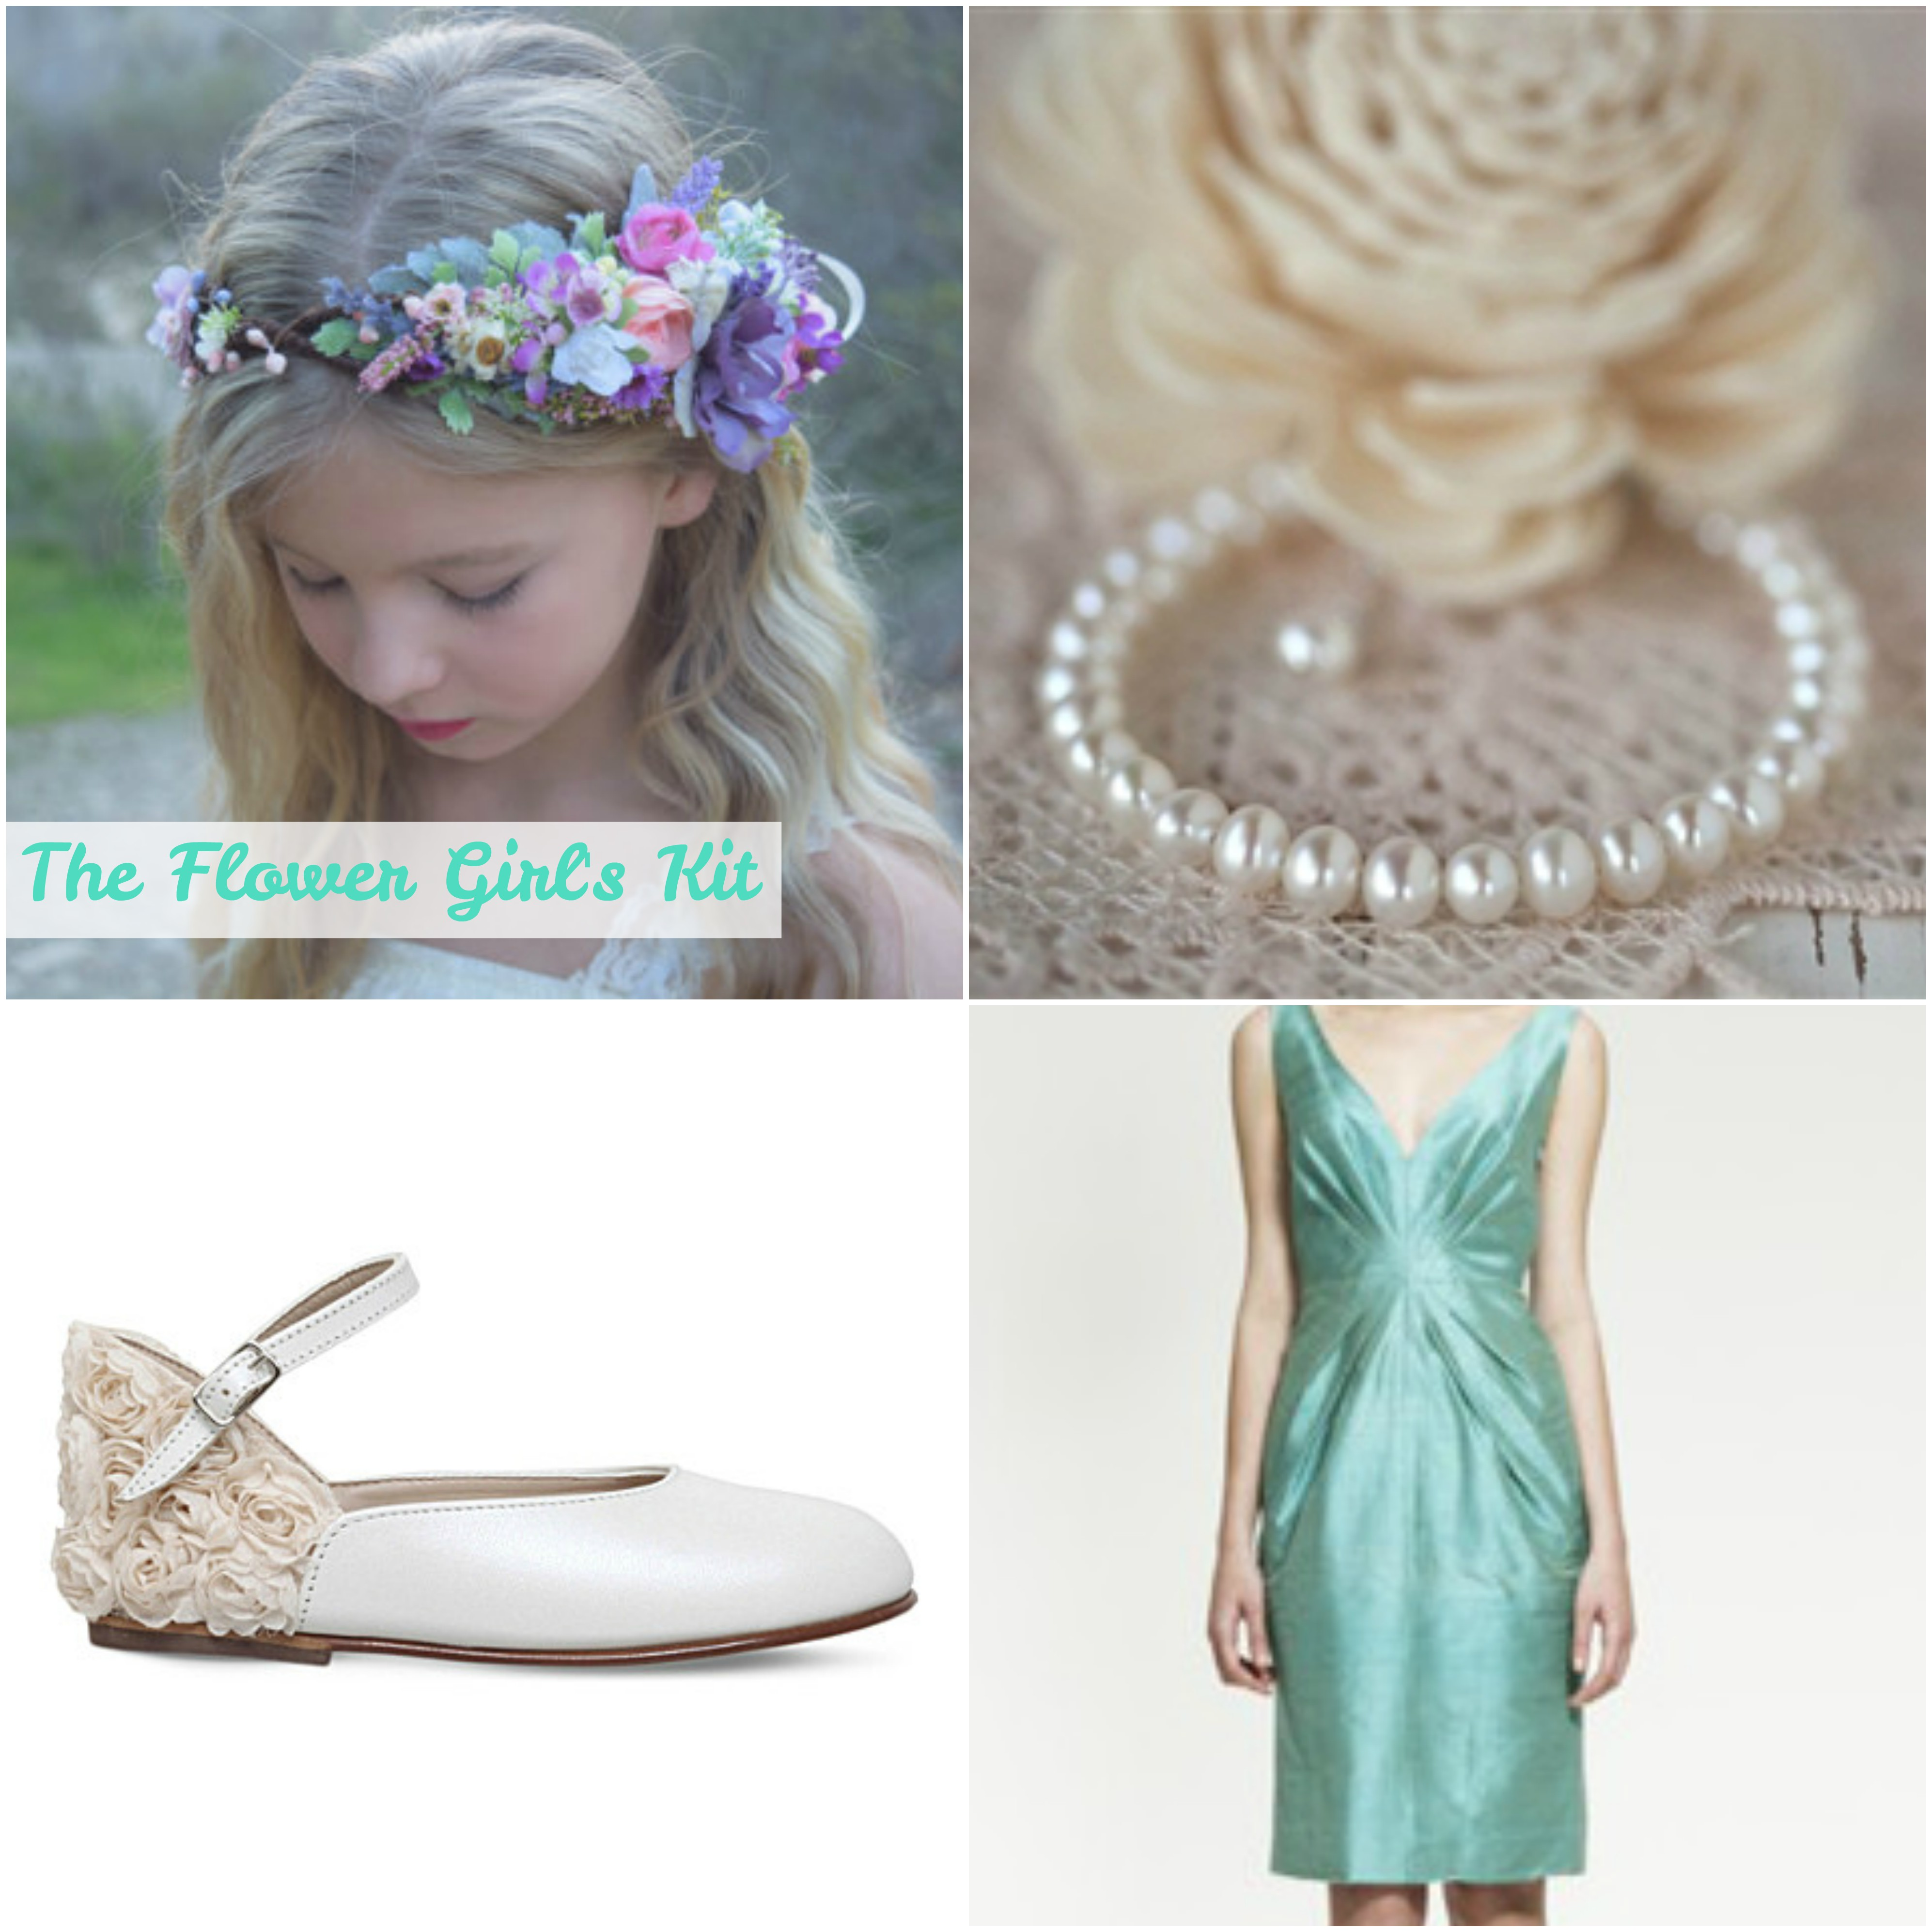 flower girl collage final.jpg